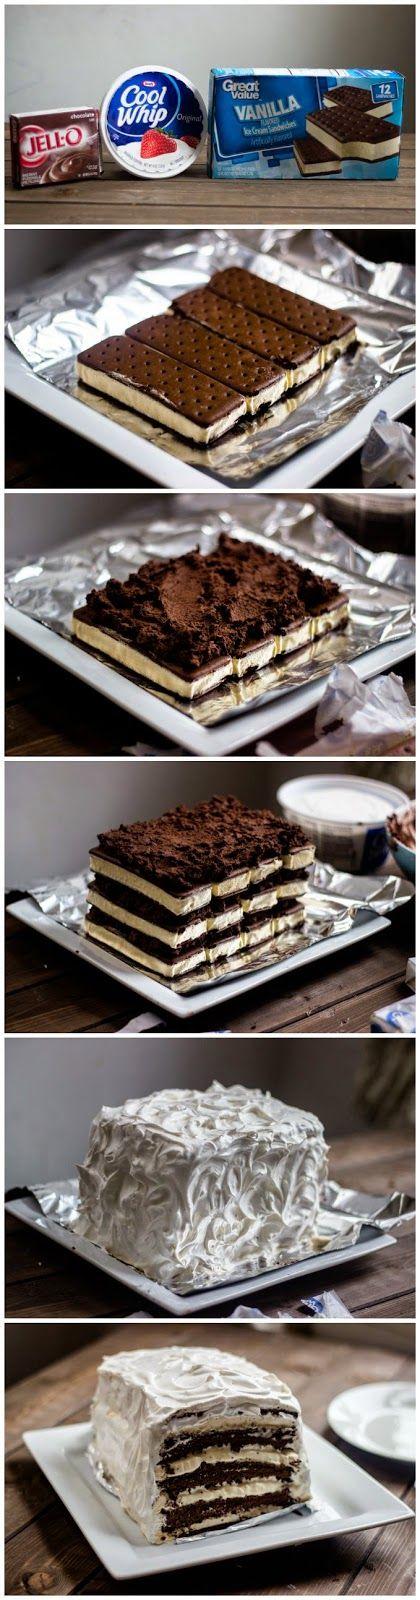 Chocolate Vanilla Ice Cream Cake